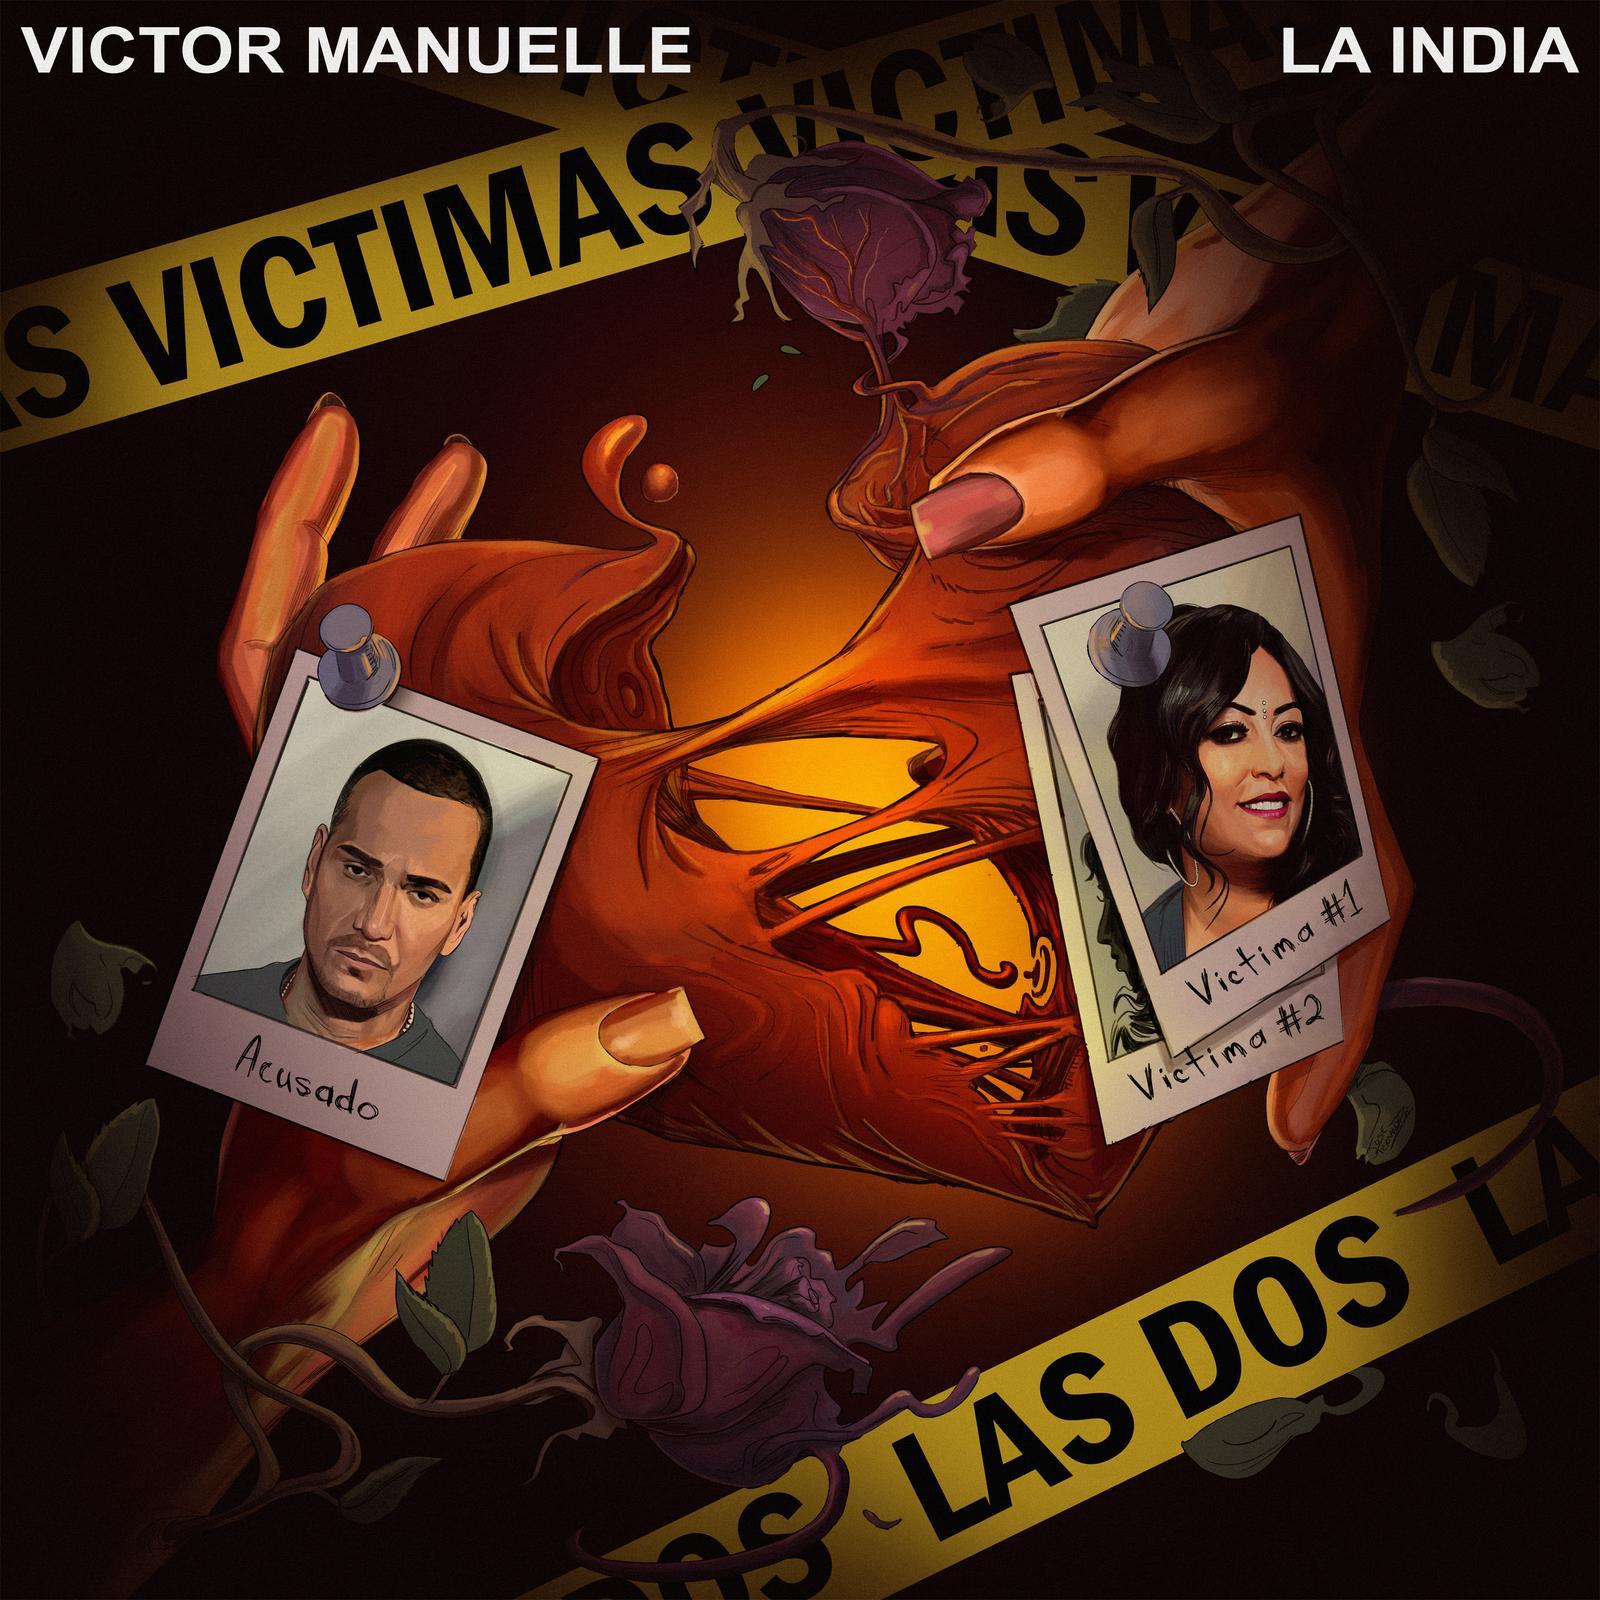 VictorManueller-VictimasLasDos-Cover